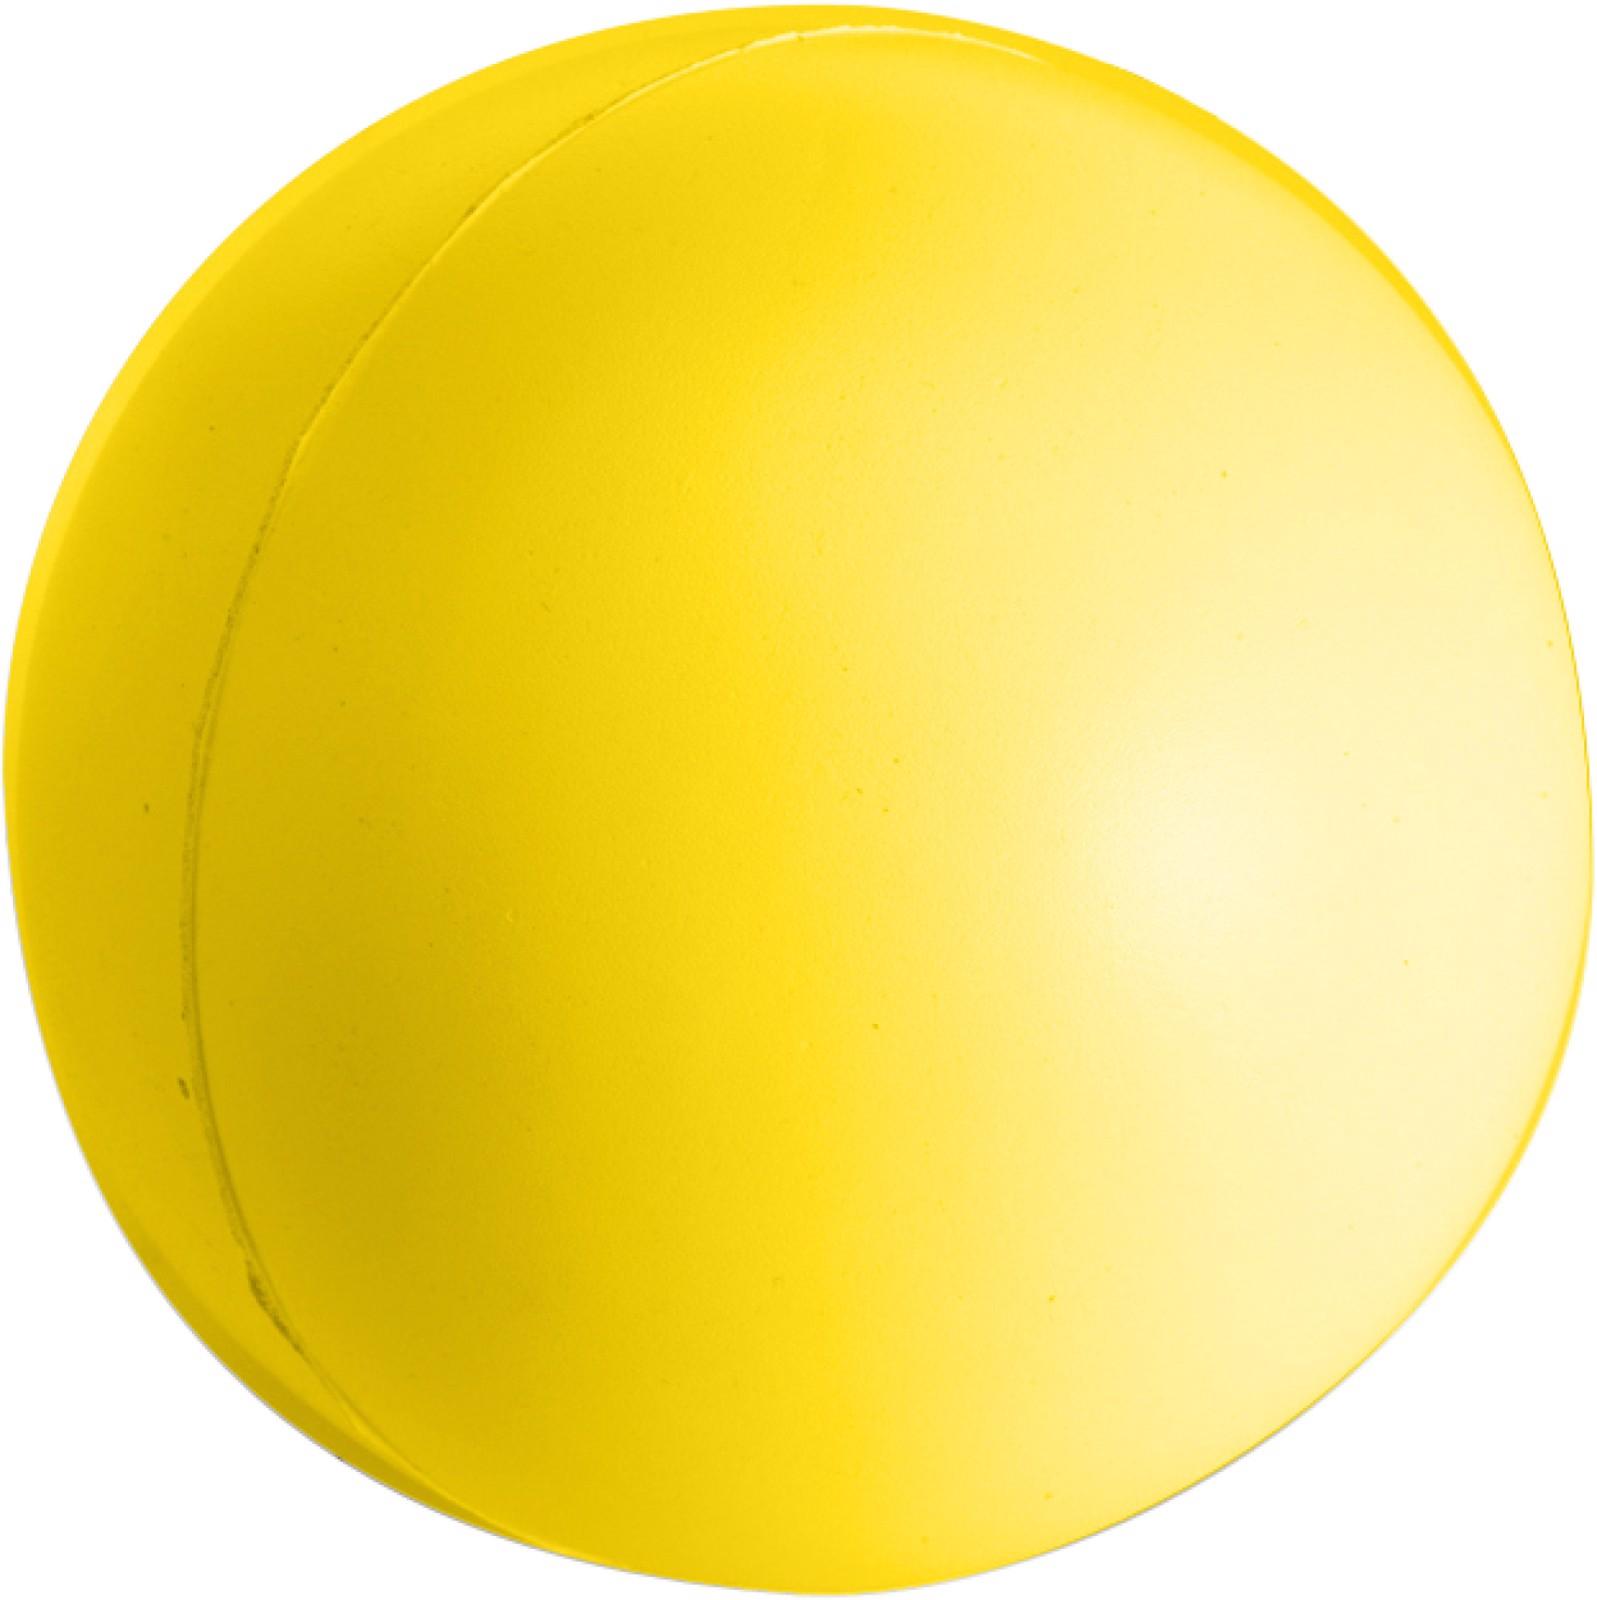 PU foam stress ball - Yellow